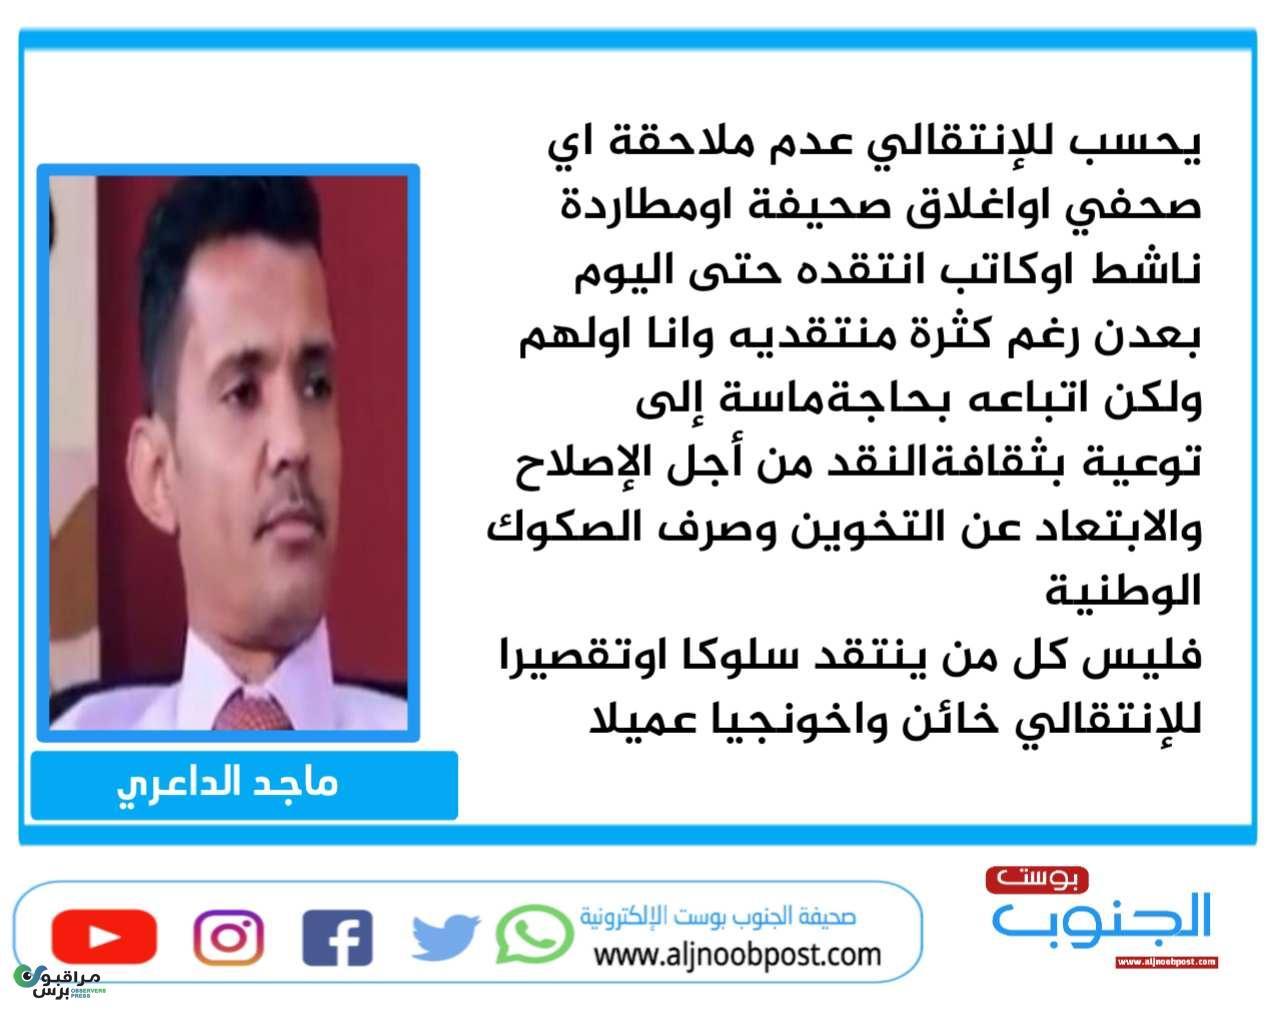 الداعري يشيد بتعامل الإنتقالي مع منتقديه من الصحفيين والناشطين بعدن وينصح أتباعه